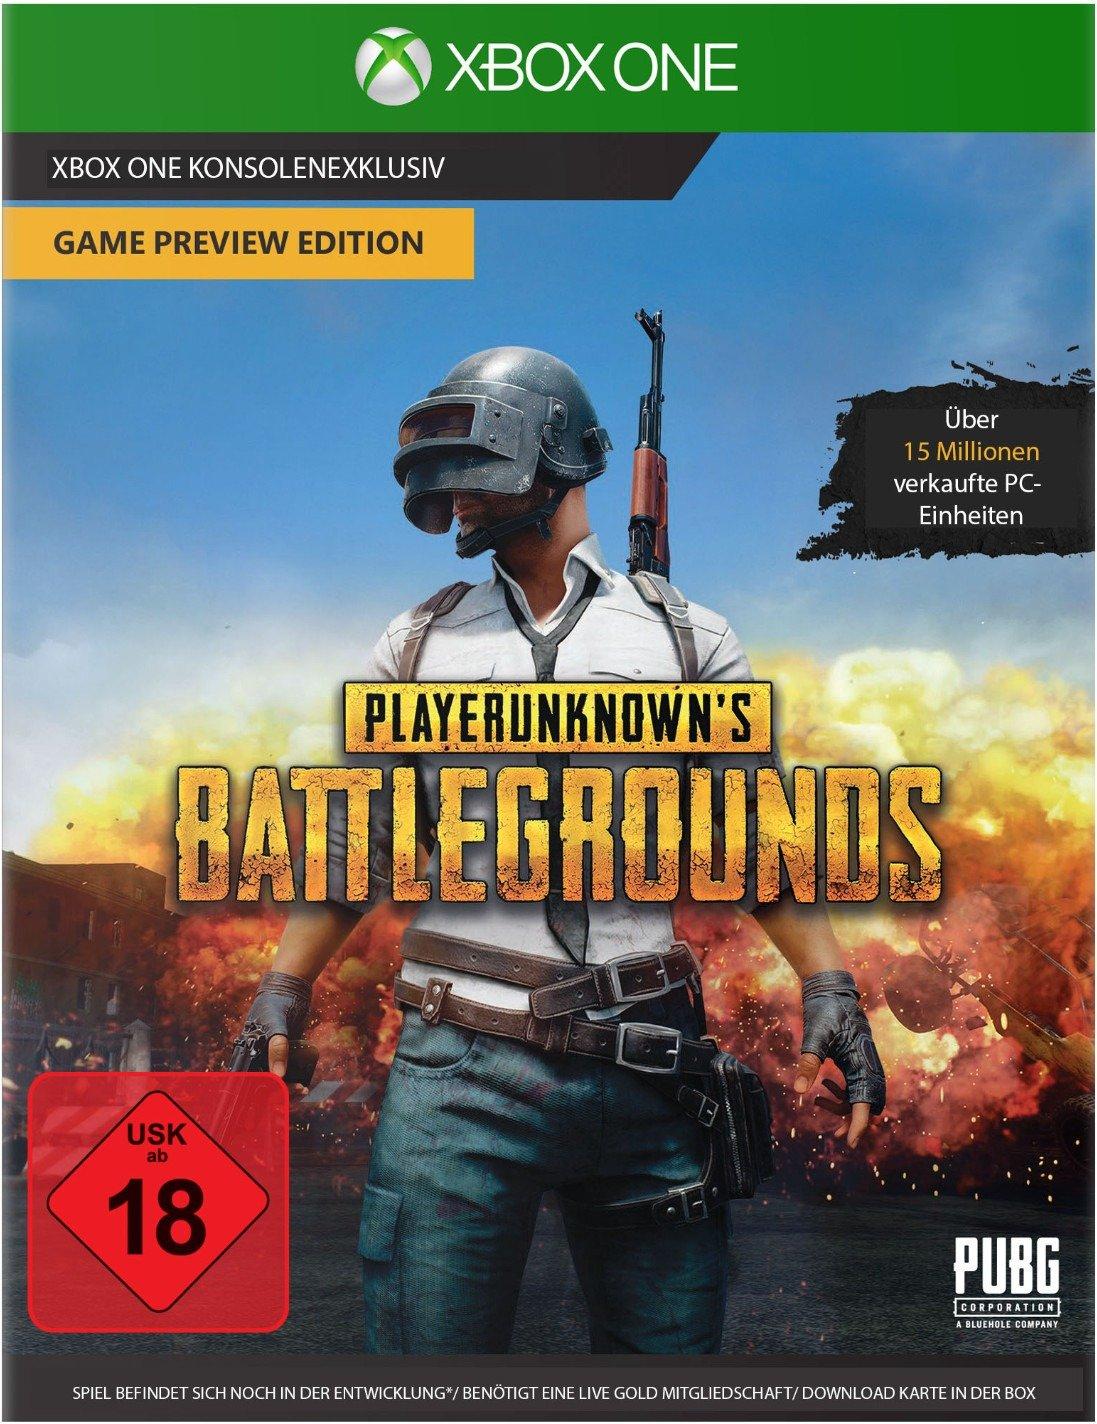 PlayerUnknowns Battlegrounds - 19. bis 22. April 2018 kostenlos spielen (Xbox One / Gold)